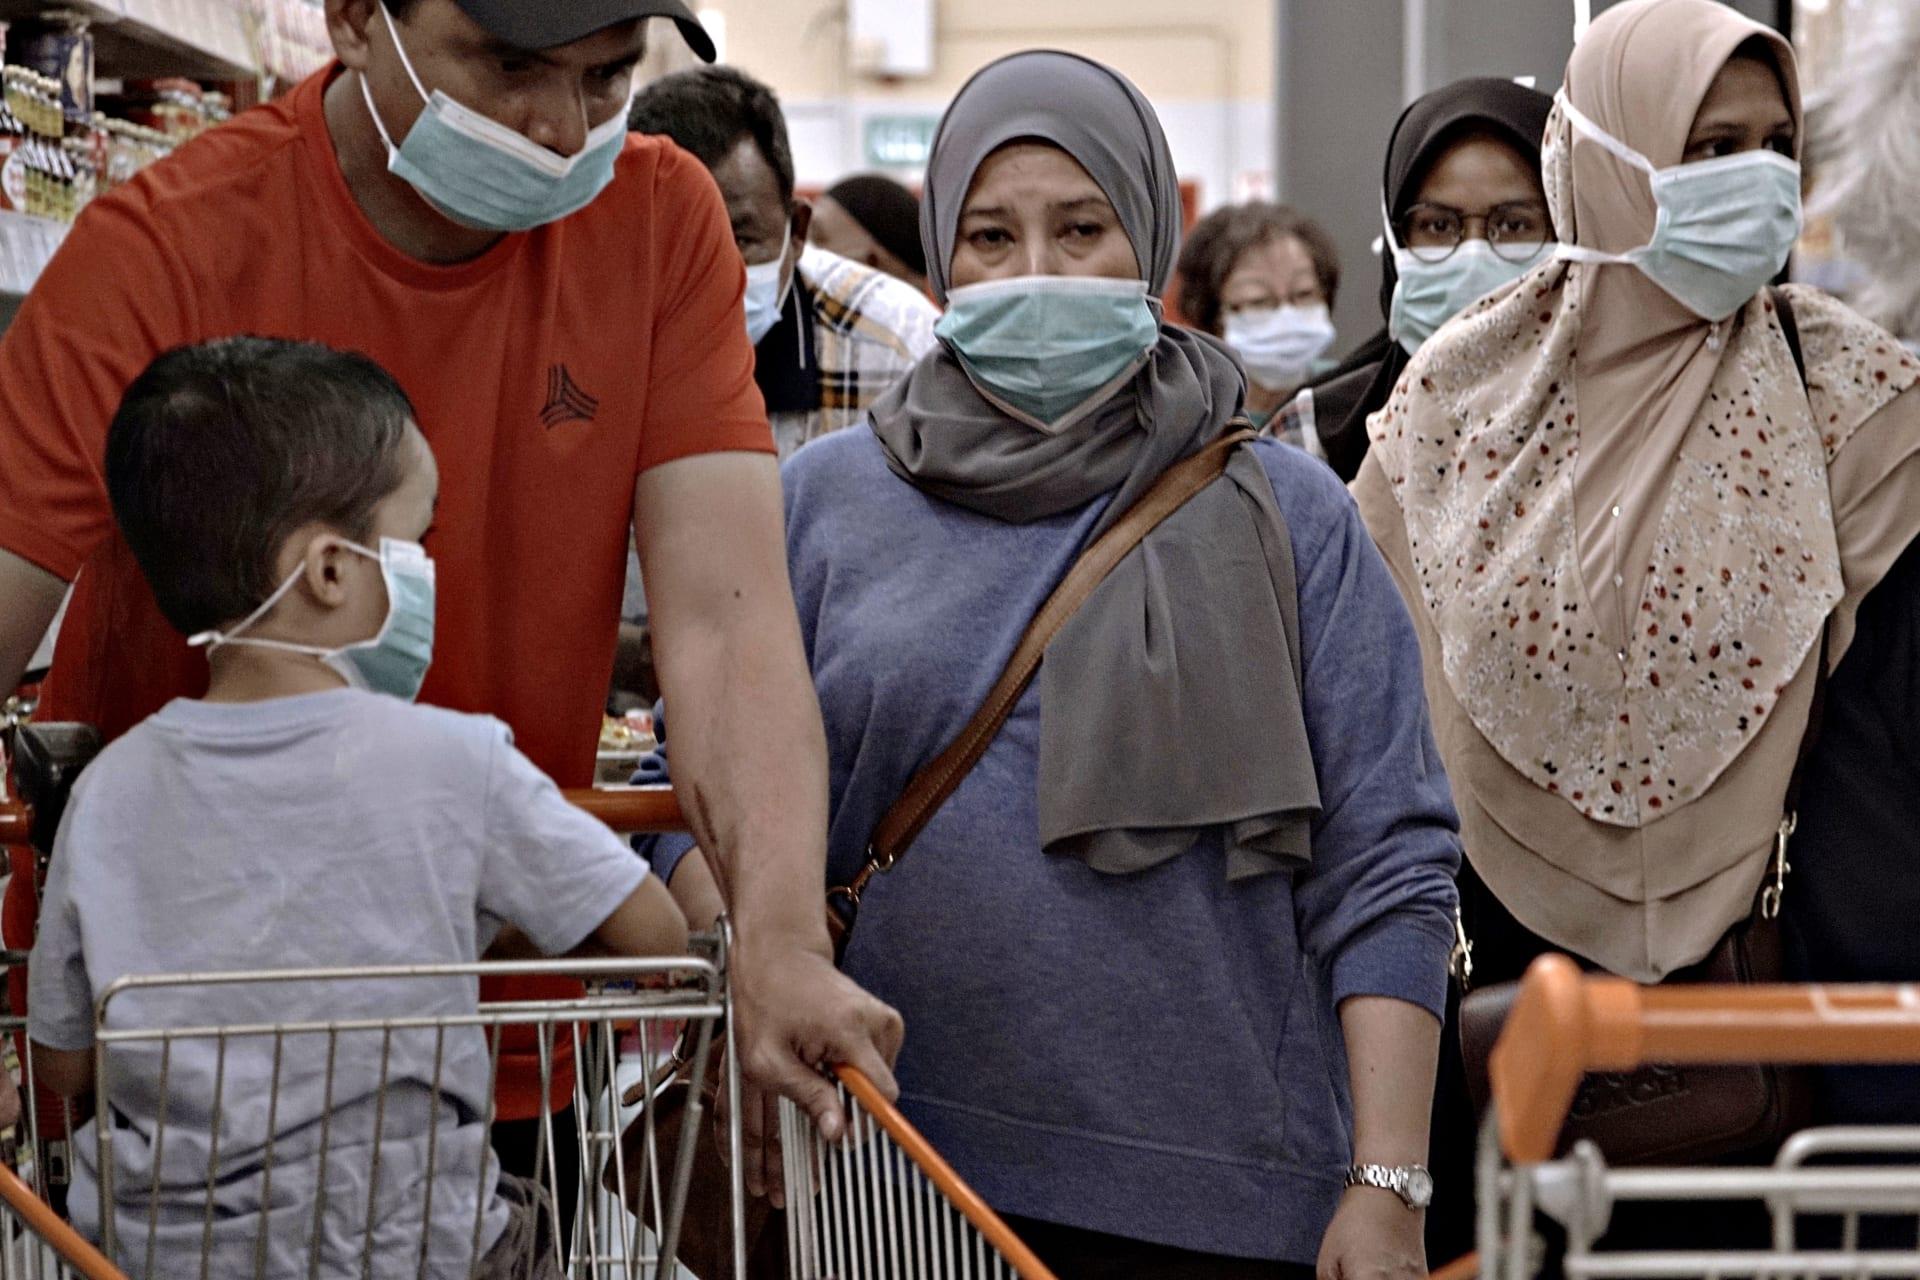 المصابون بفيروس كورونا المستجد بلا أي أعراض ربما يزيدون من انتشار العدوى أكثر مما نعتقد